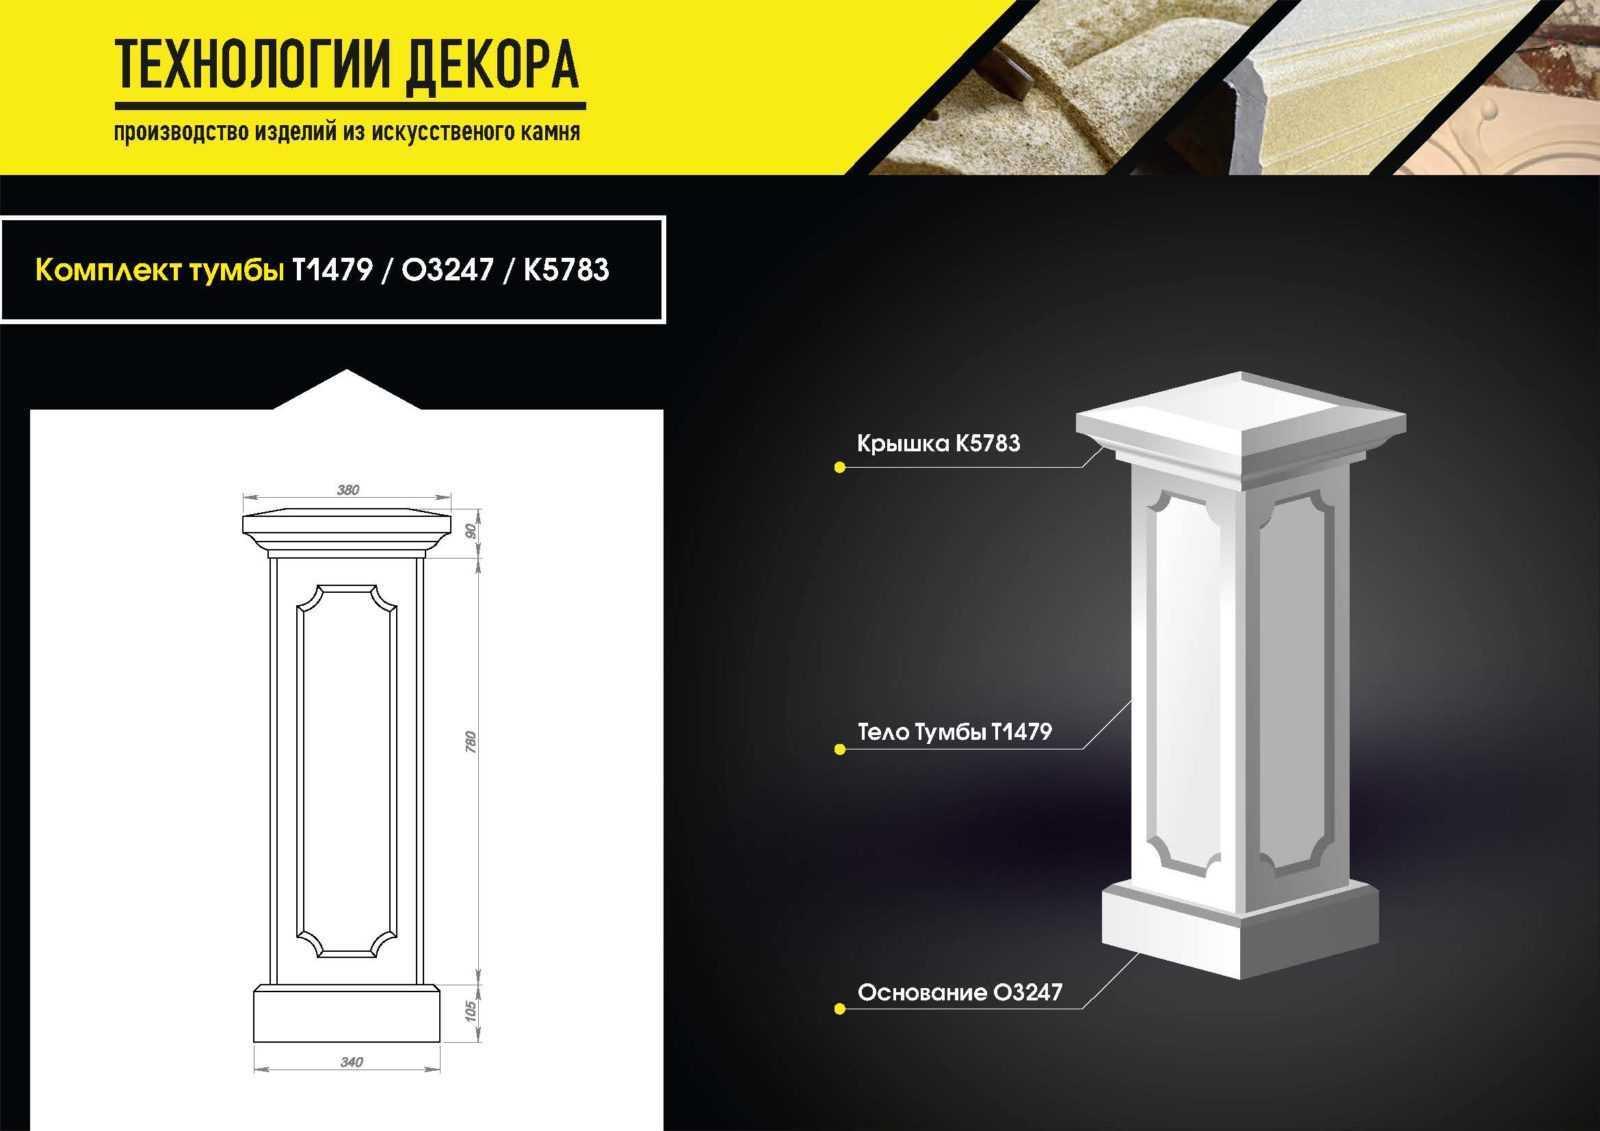 Фасадные элементы: Тумба взборе из архикаменья и стеклофибробетона (СФБ)